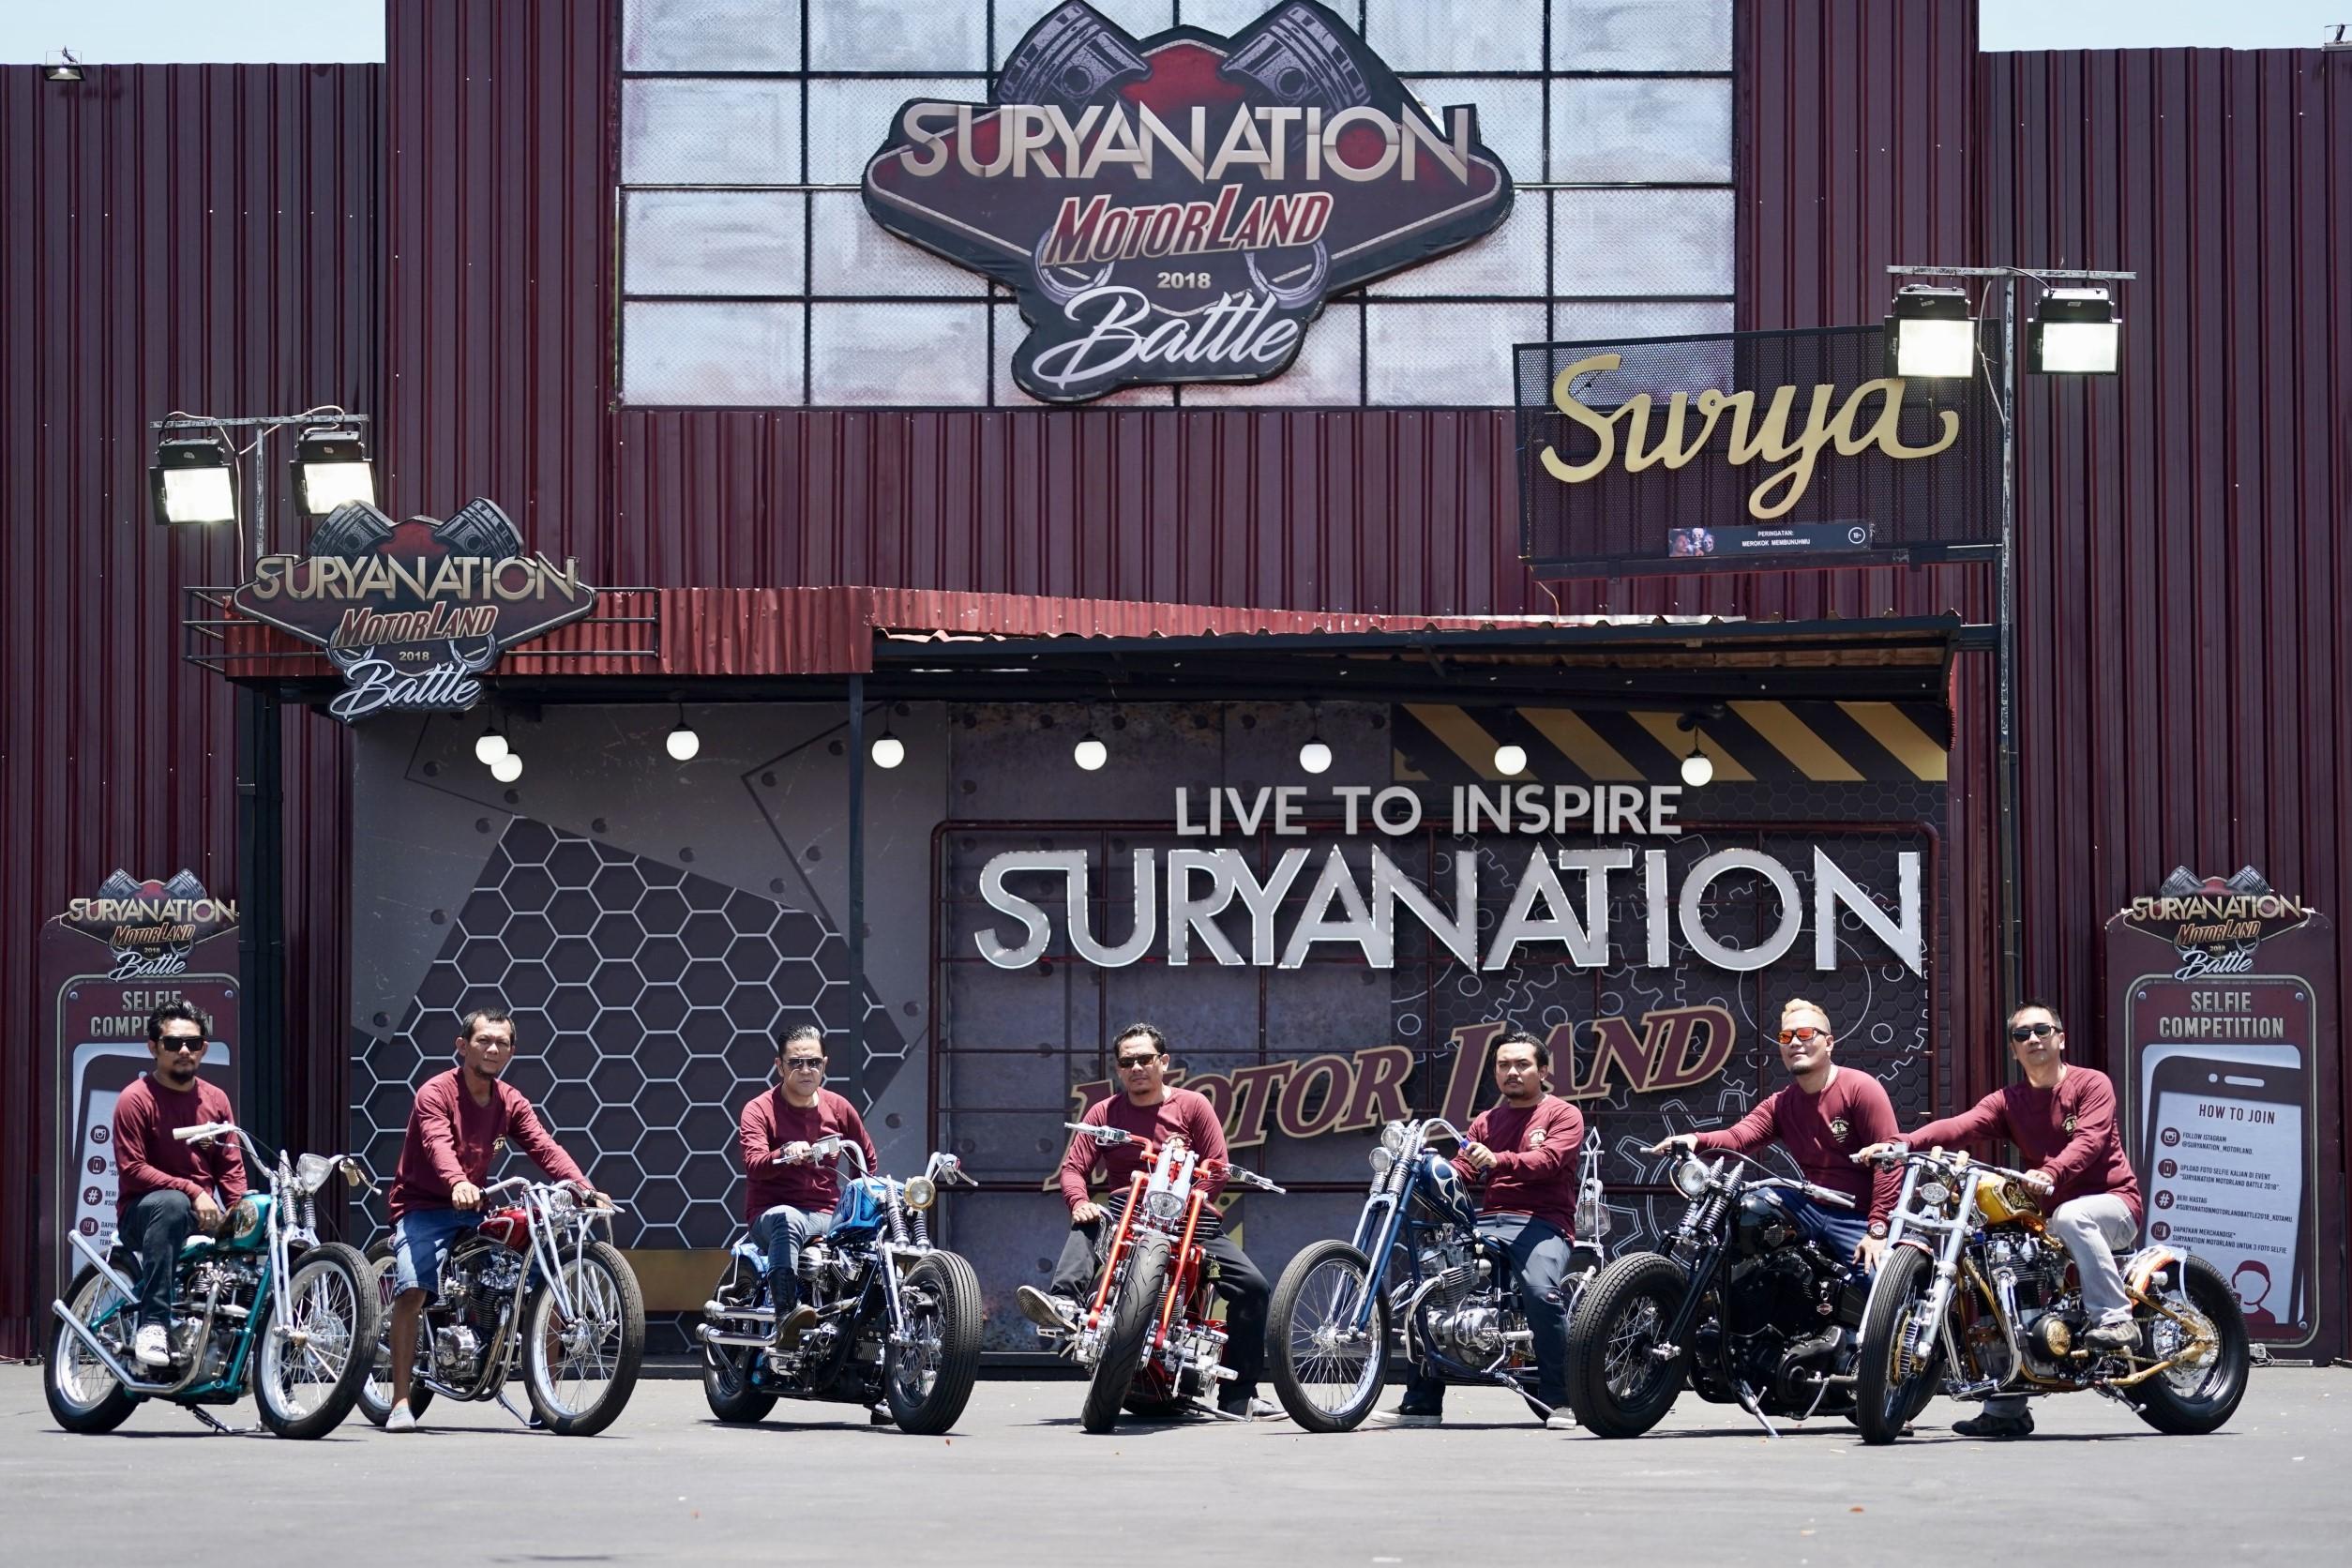 Suryanation Motorland Antar Builder Indonesia Tampil di Jerman